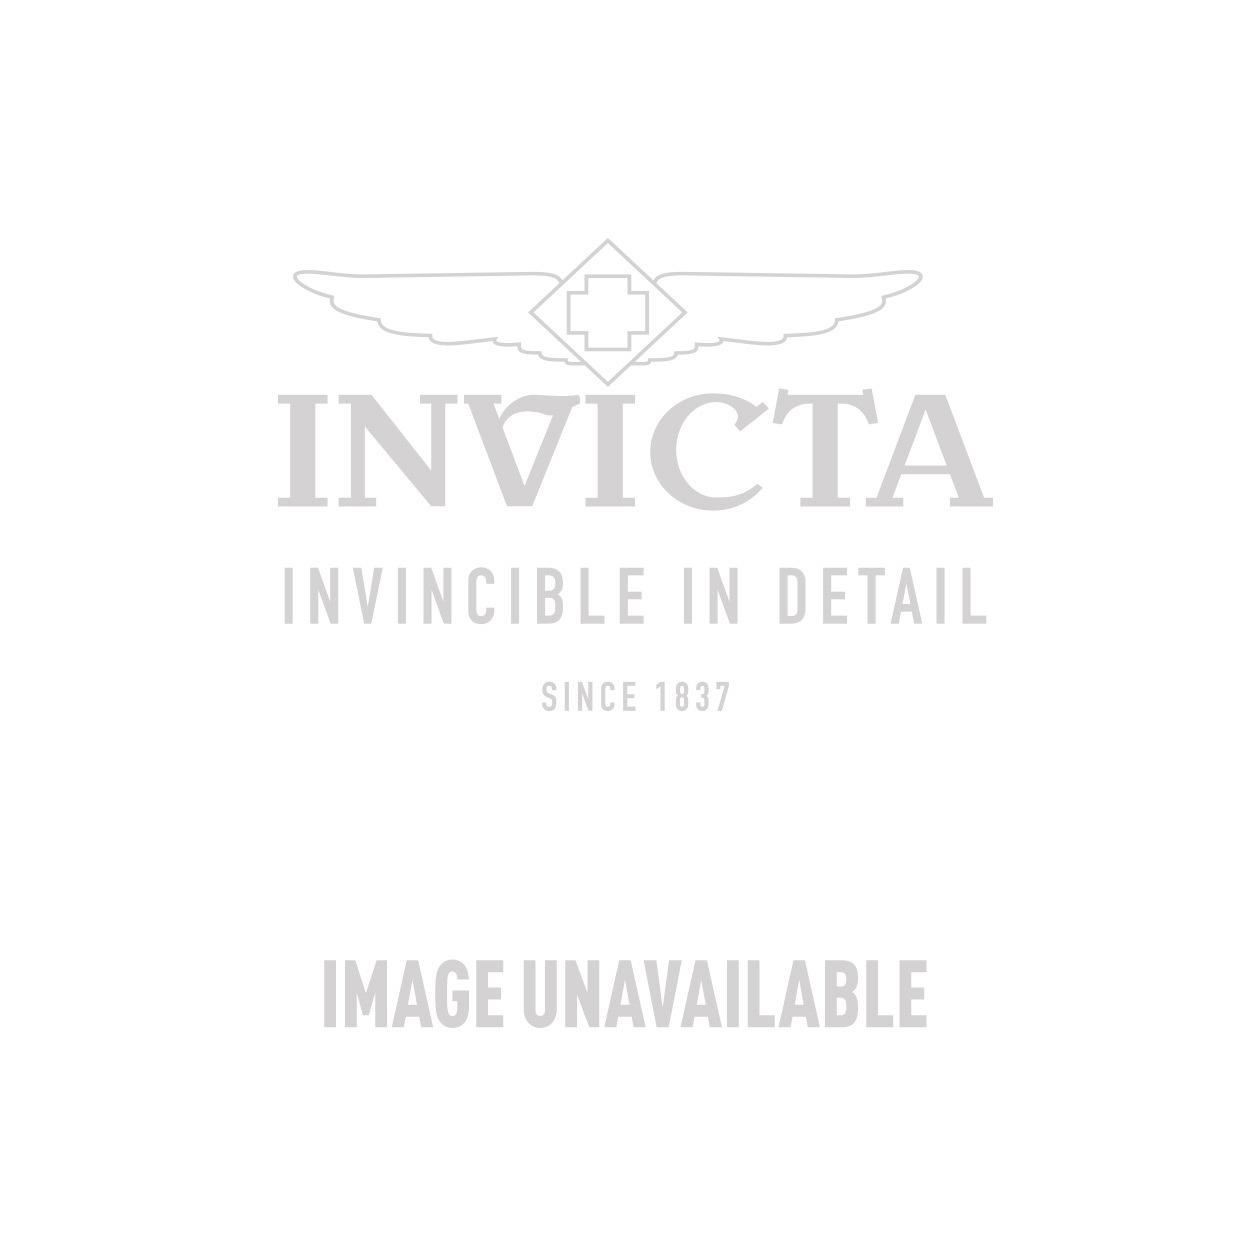 Invicta Model 28062